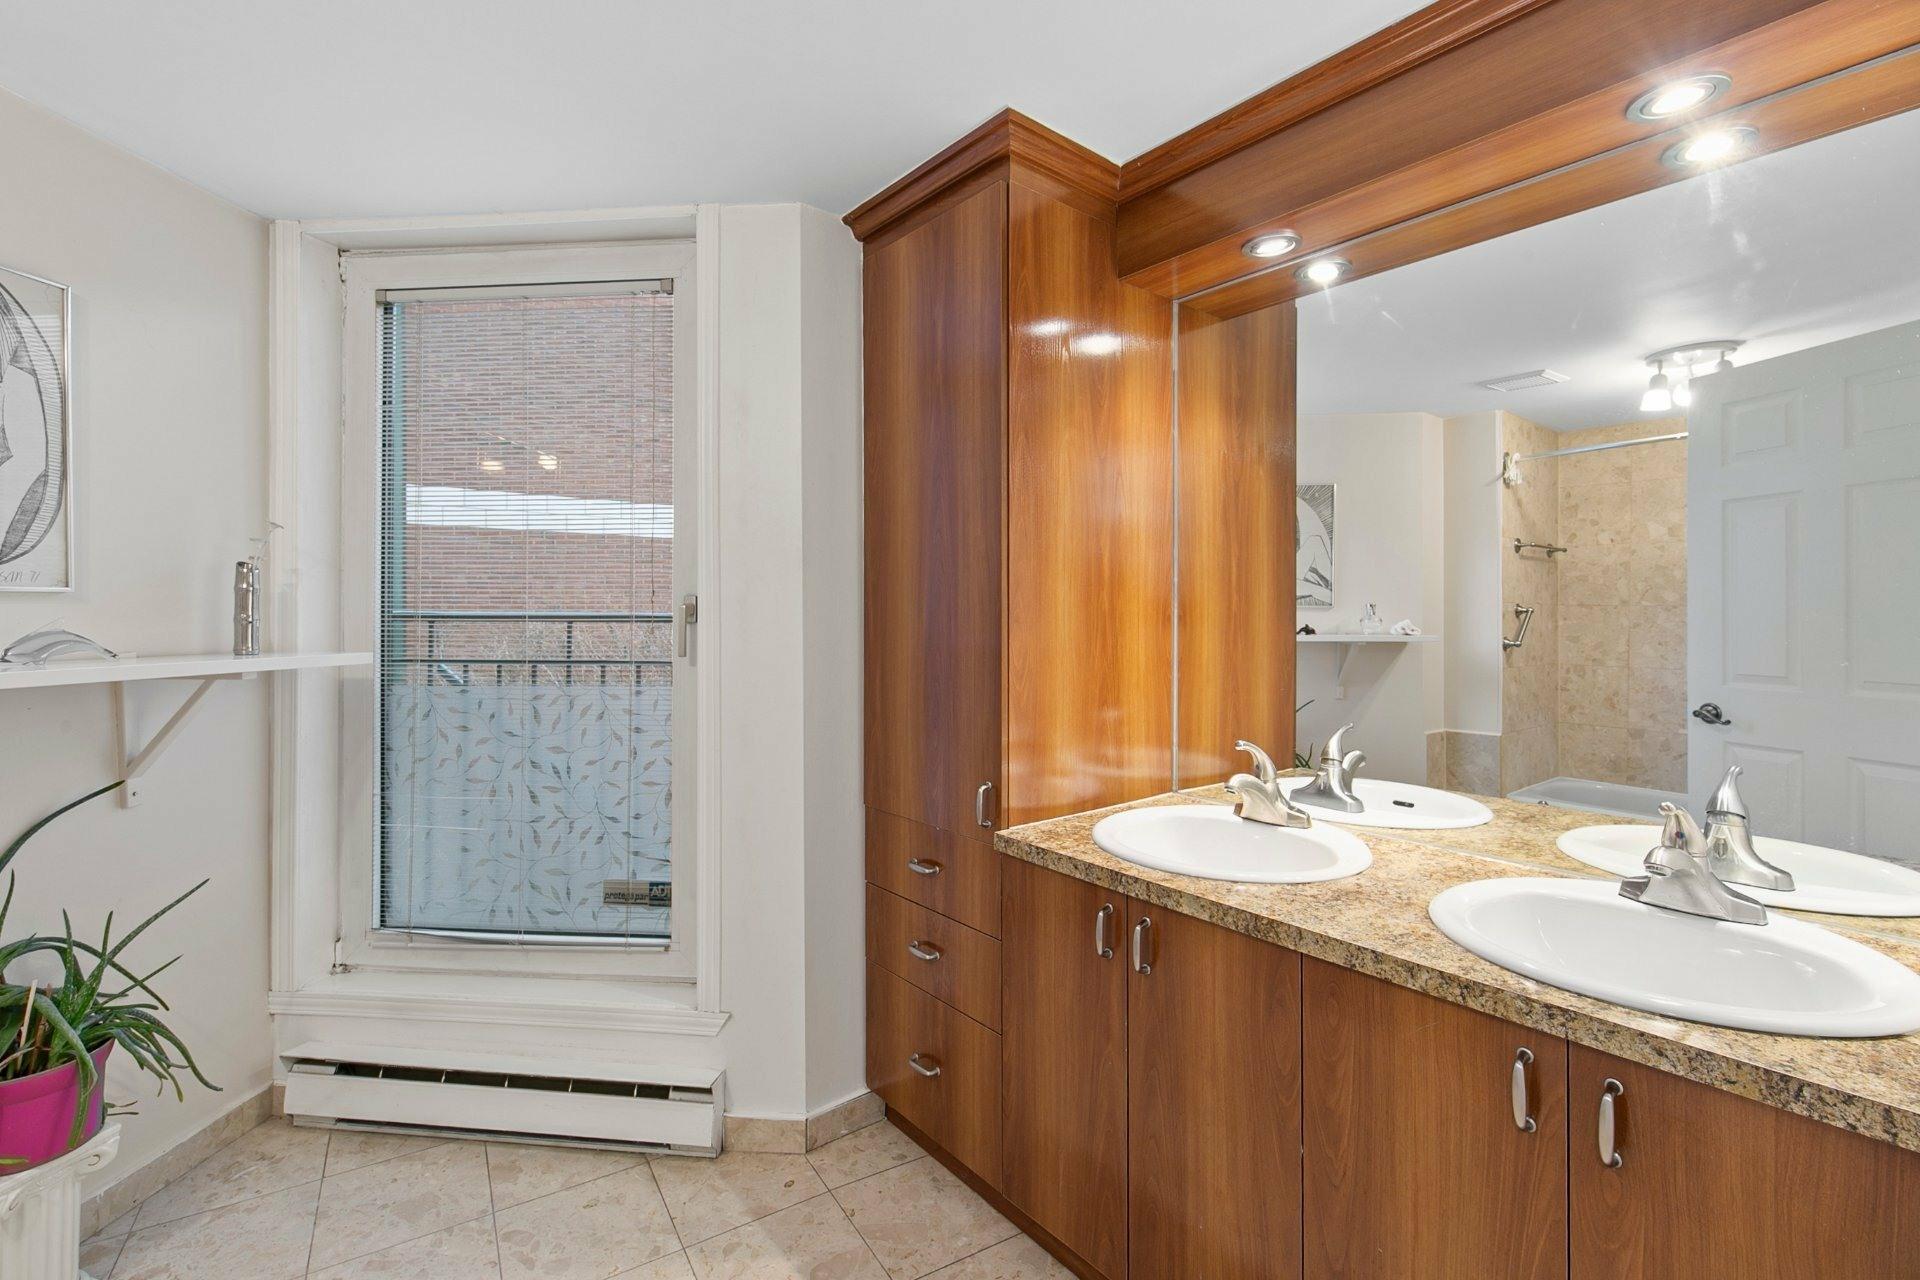 image 20 - Appartement À vendre Verdun/Île-des-Soeurs Montréal  - 6 pièces